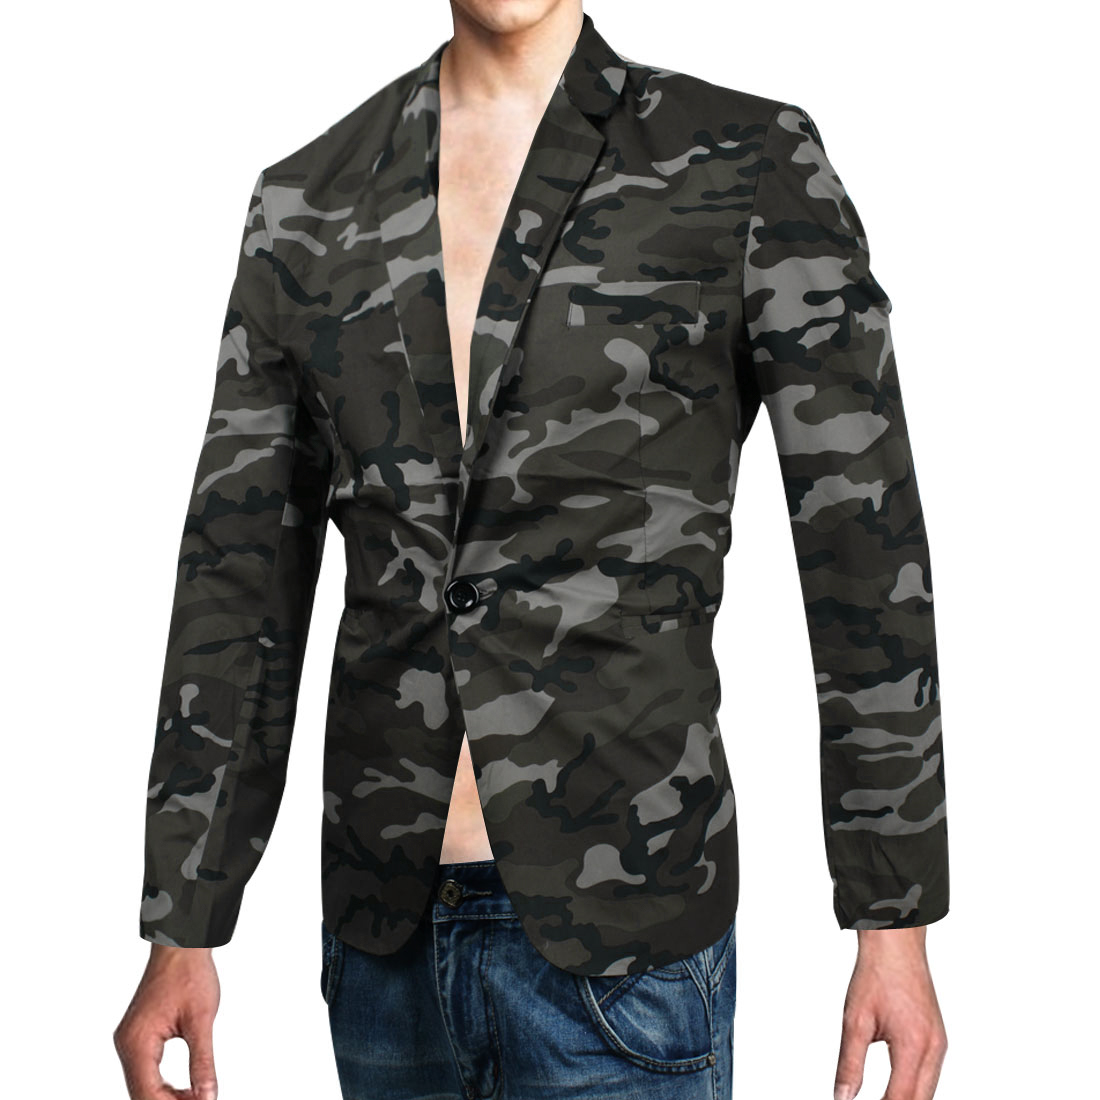 Man Pockets Camouflage Pattern Buttons Cuff Wadding Shoulder Blazer Dark Olive Green M